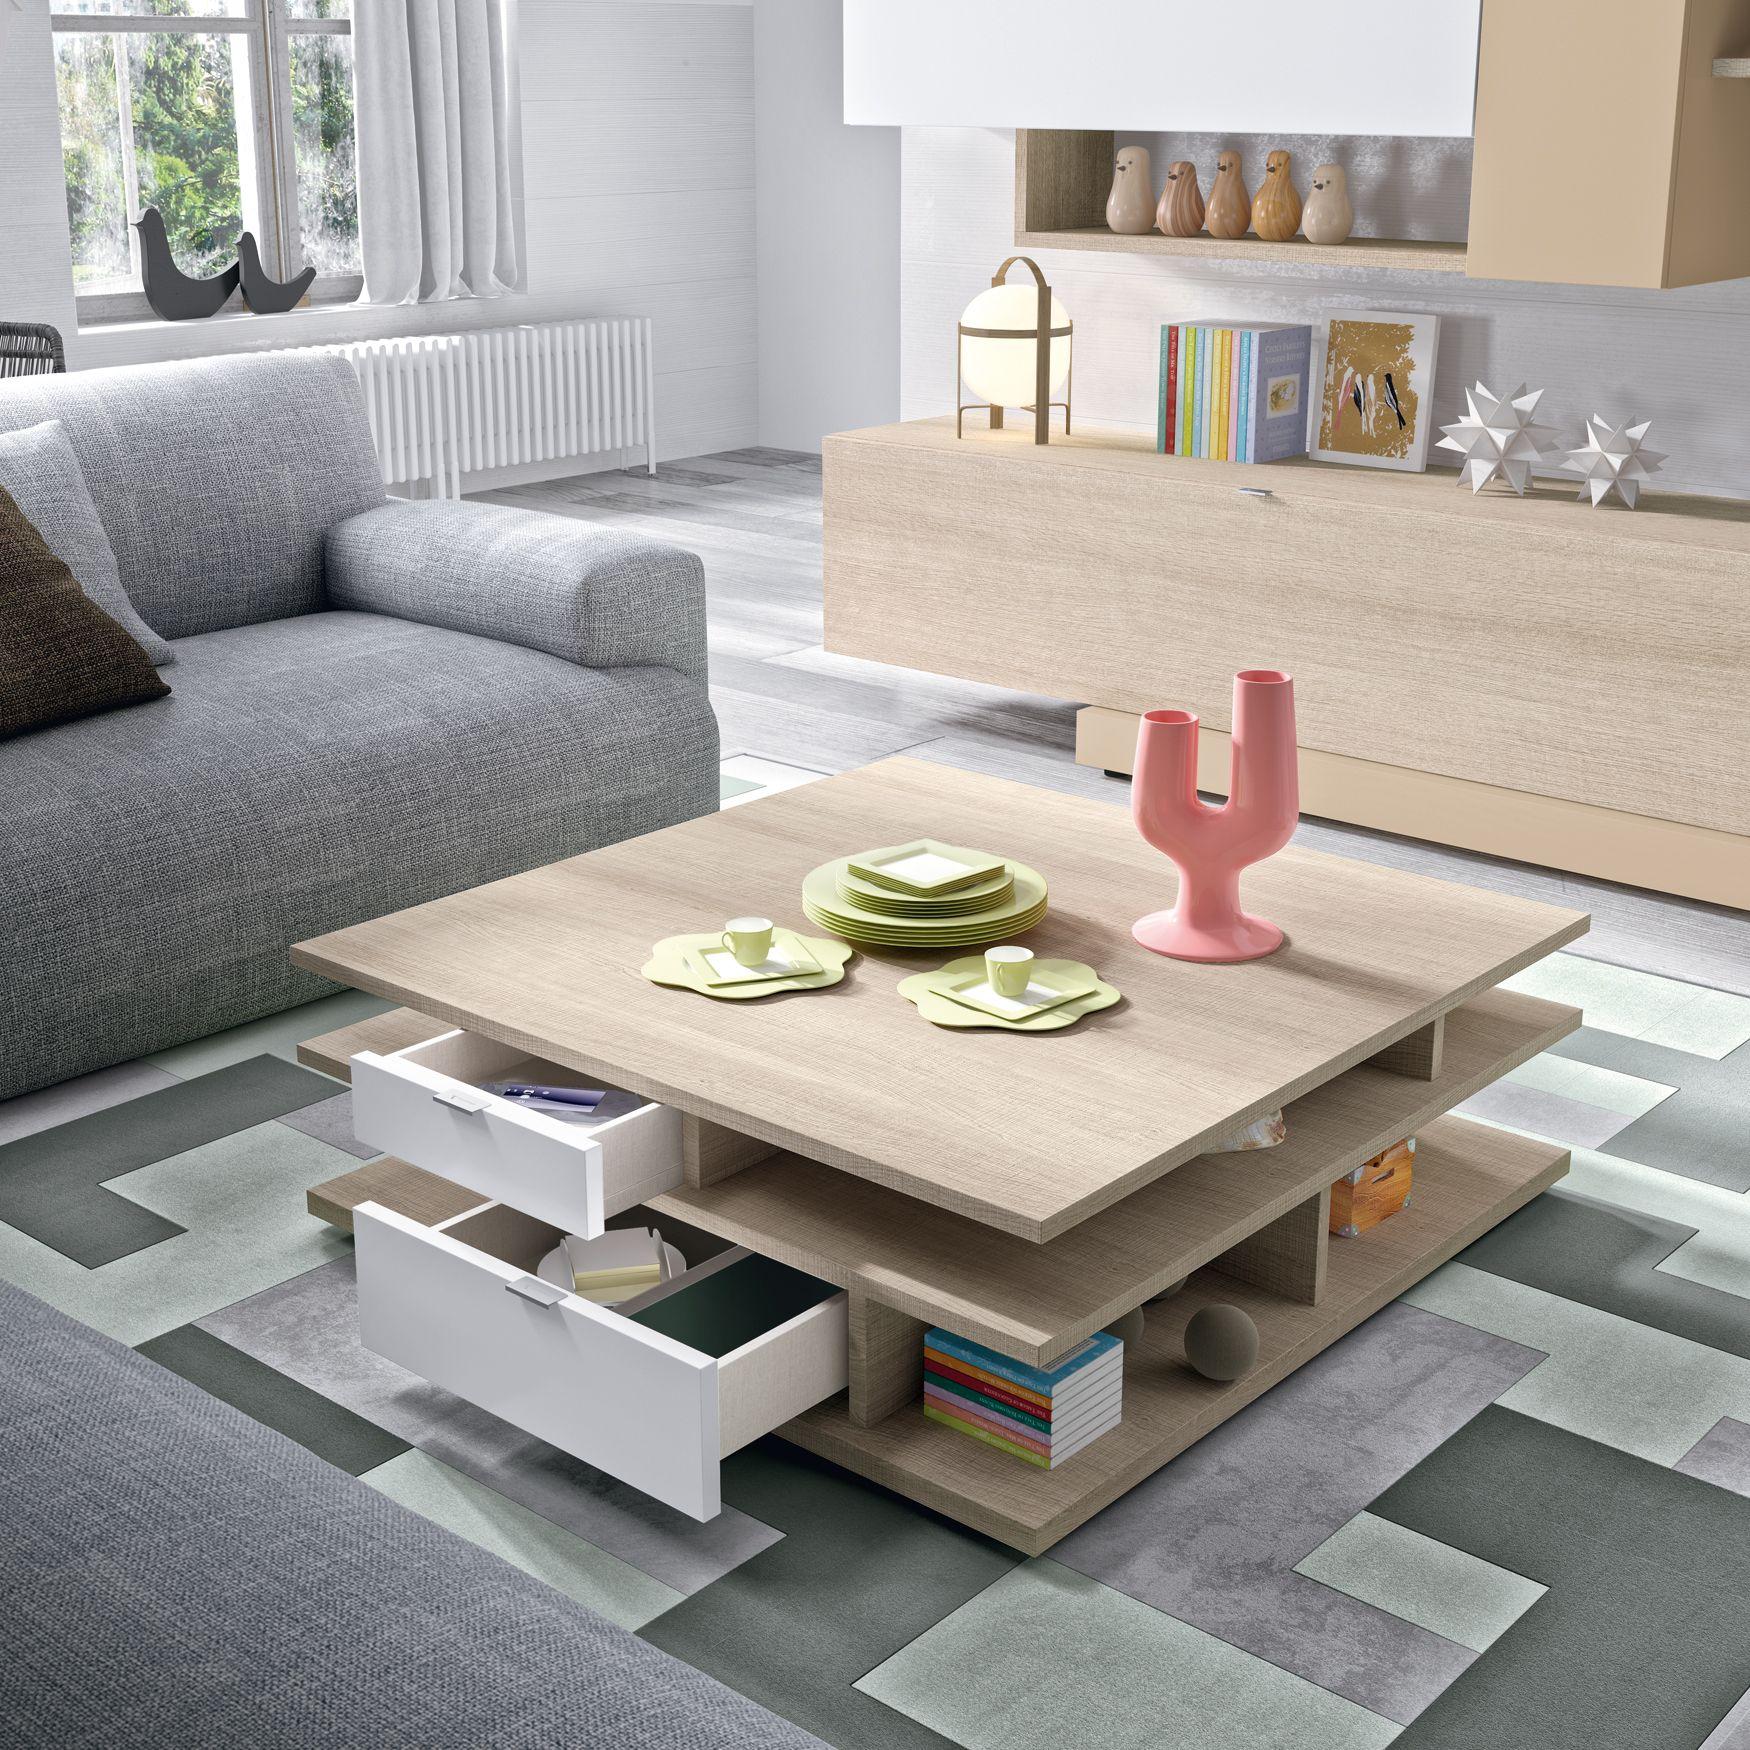 Auxiliares Con Muchas Utilidades Mesa De Centro Con Distribuci N  # Muebles Todo En Uno